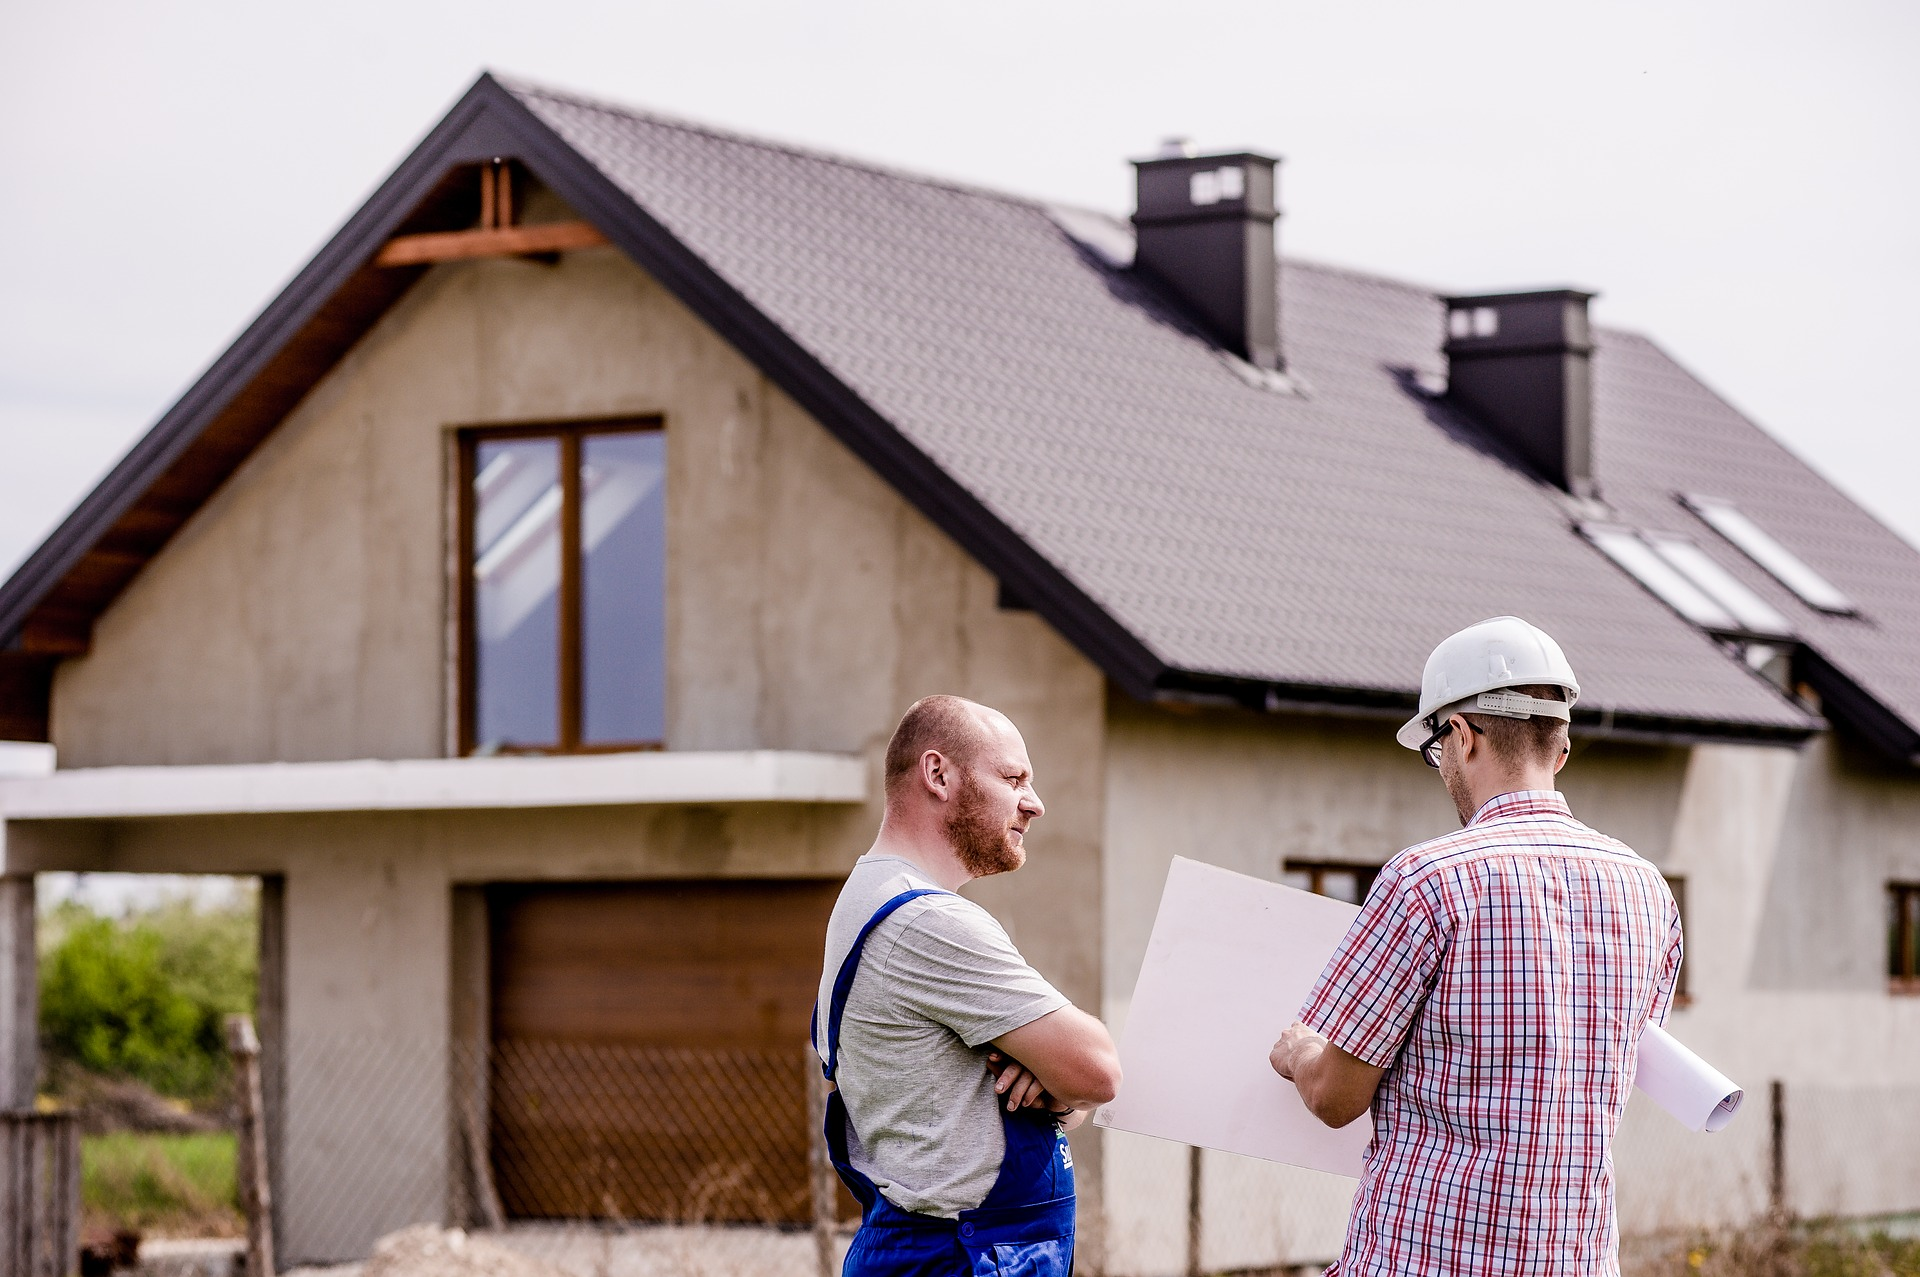 ¿Cuál es la mejor época para hacer reformas en casa?